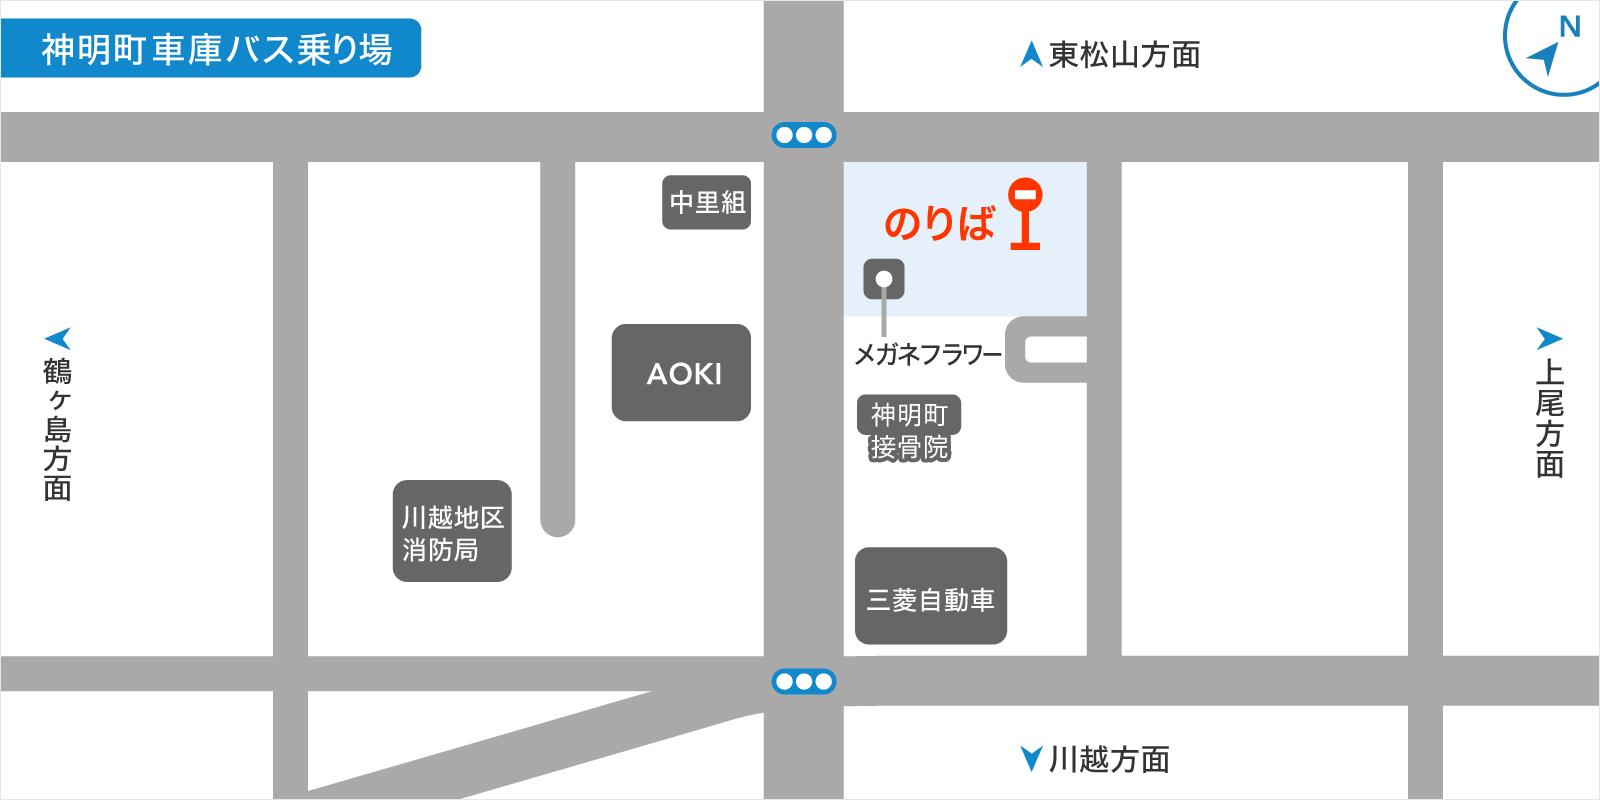 神明町車庫バス乗り場の画像